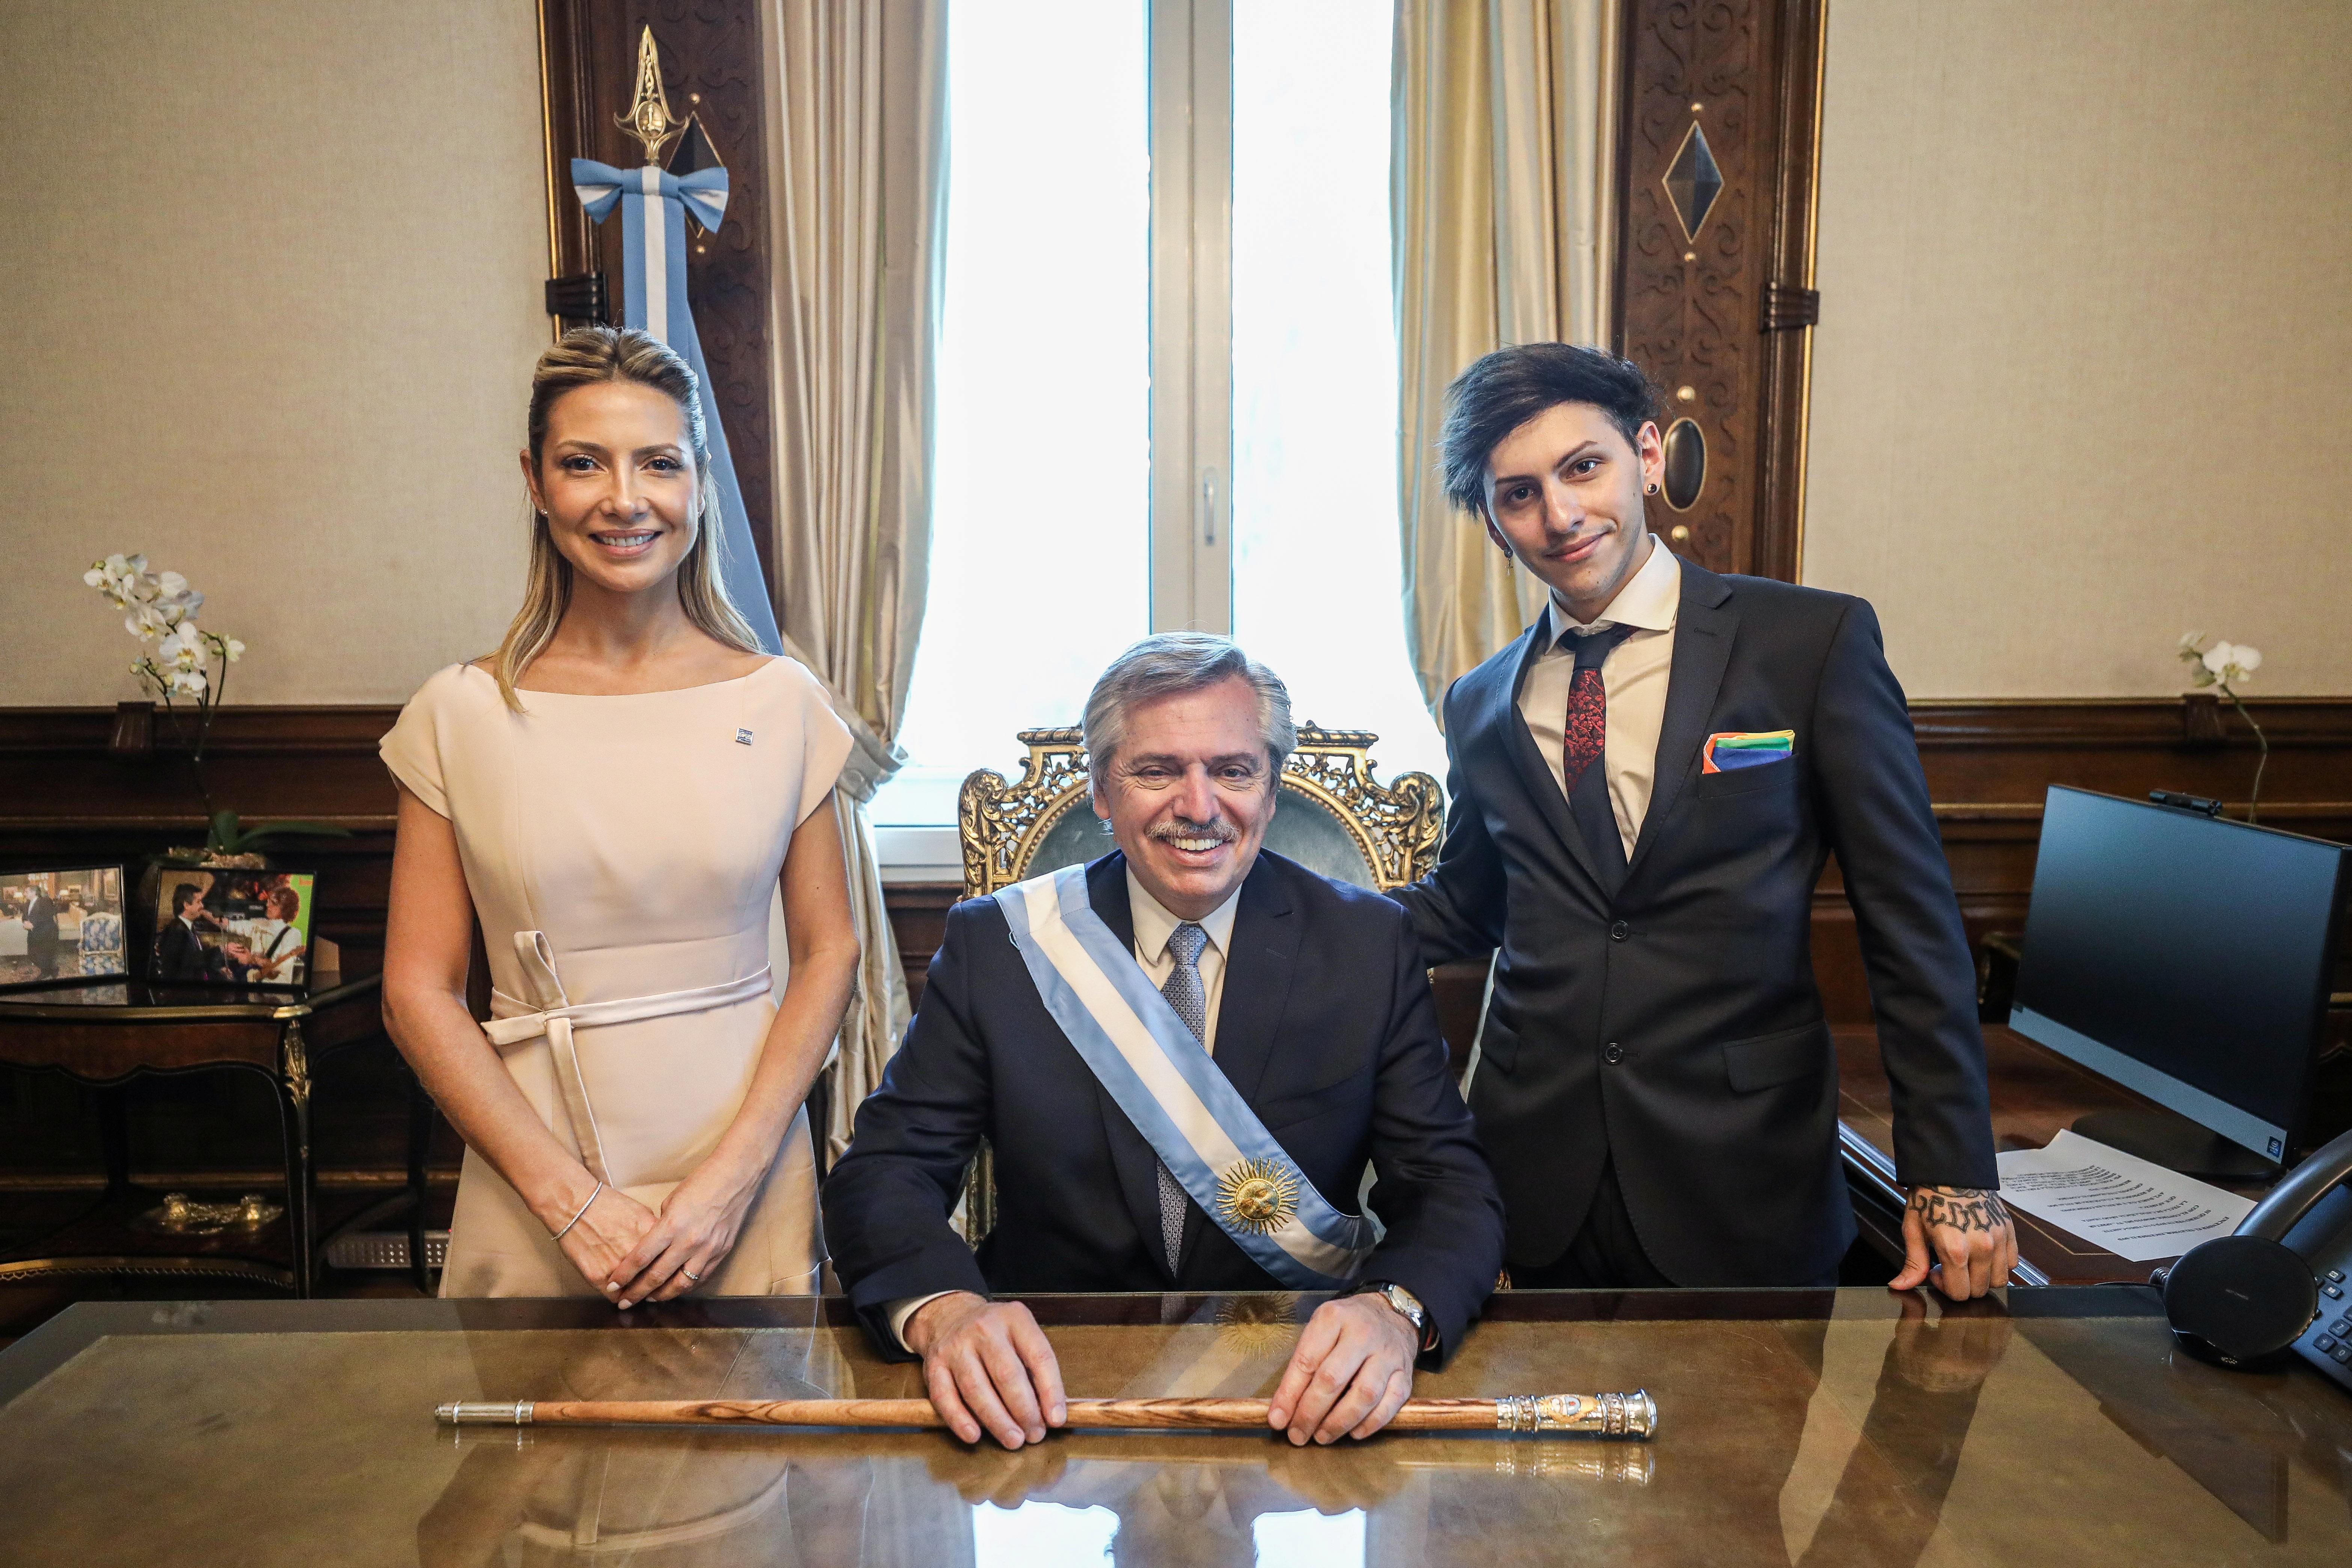 La primera dama Fabiola Yáñez, el presidente Alberto Fernández y su hijo Estanislao Fernández en el despacho presidencial